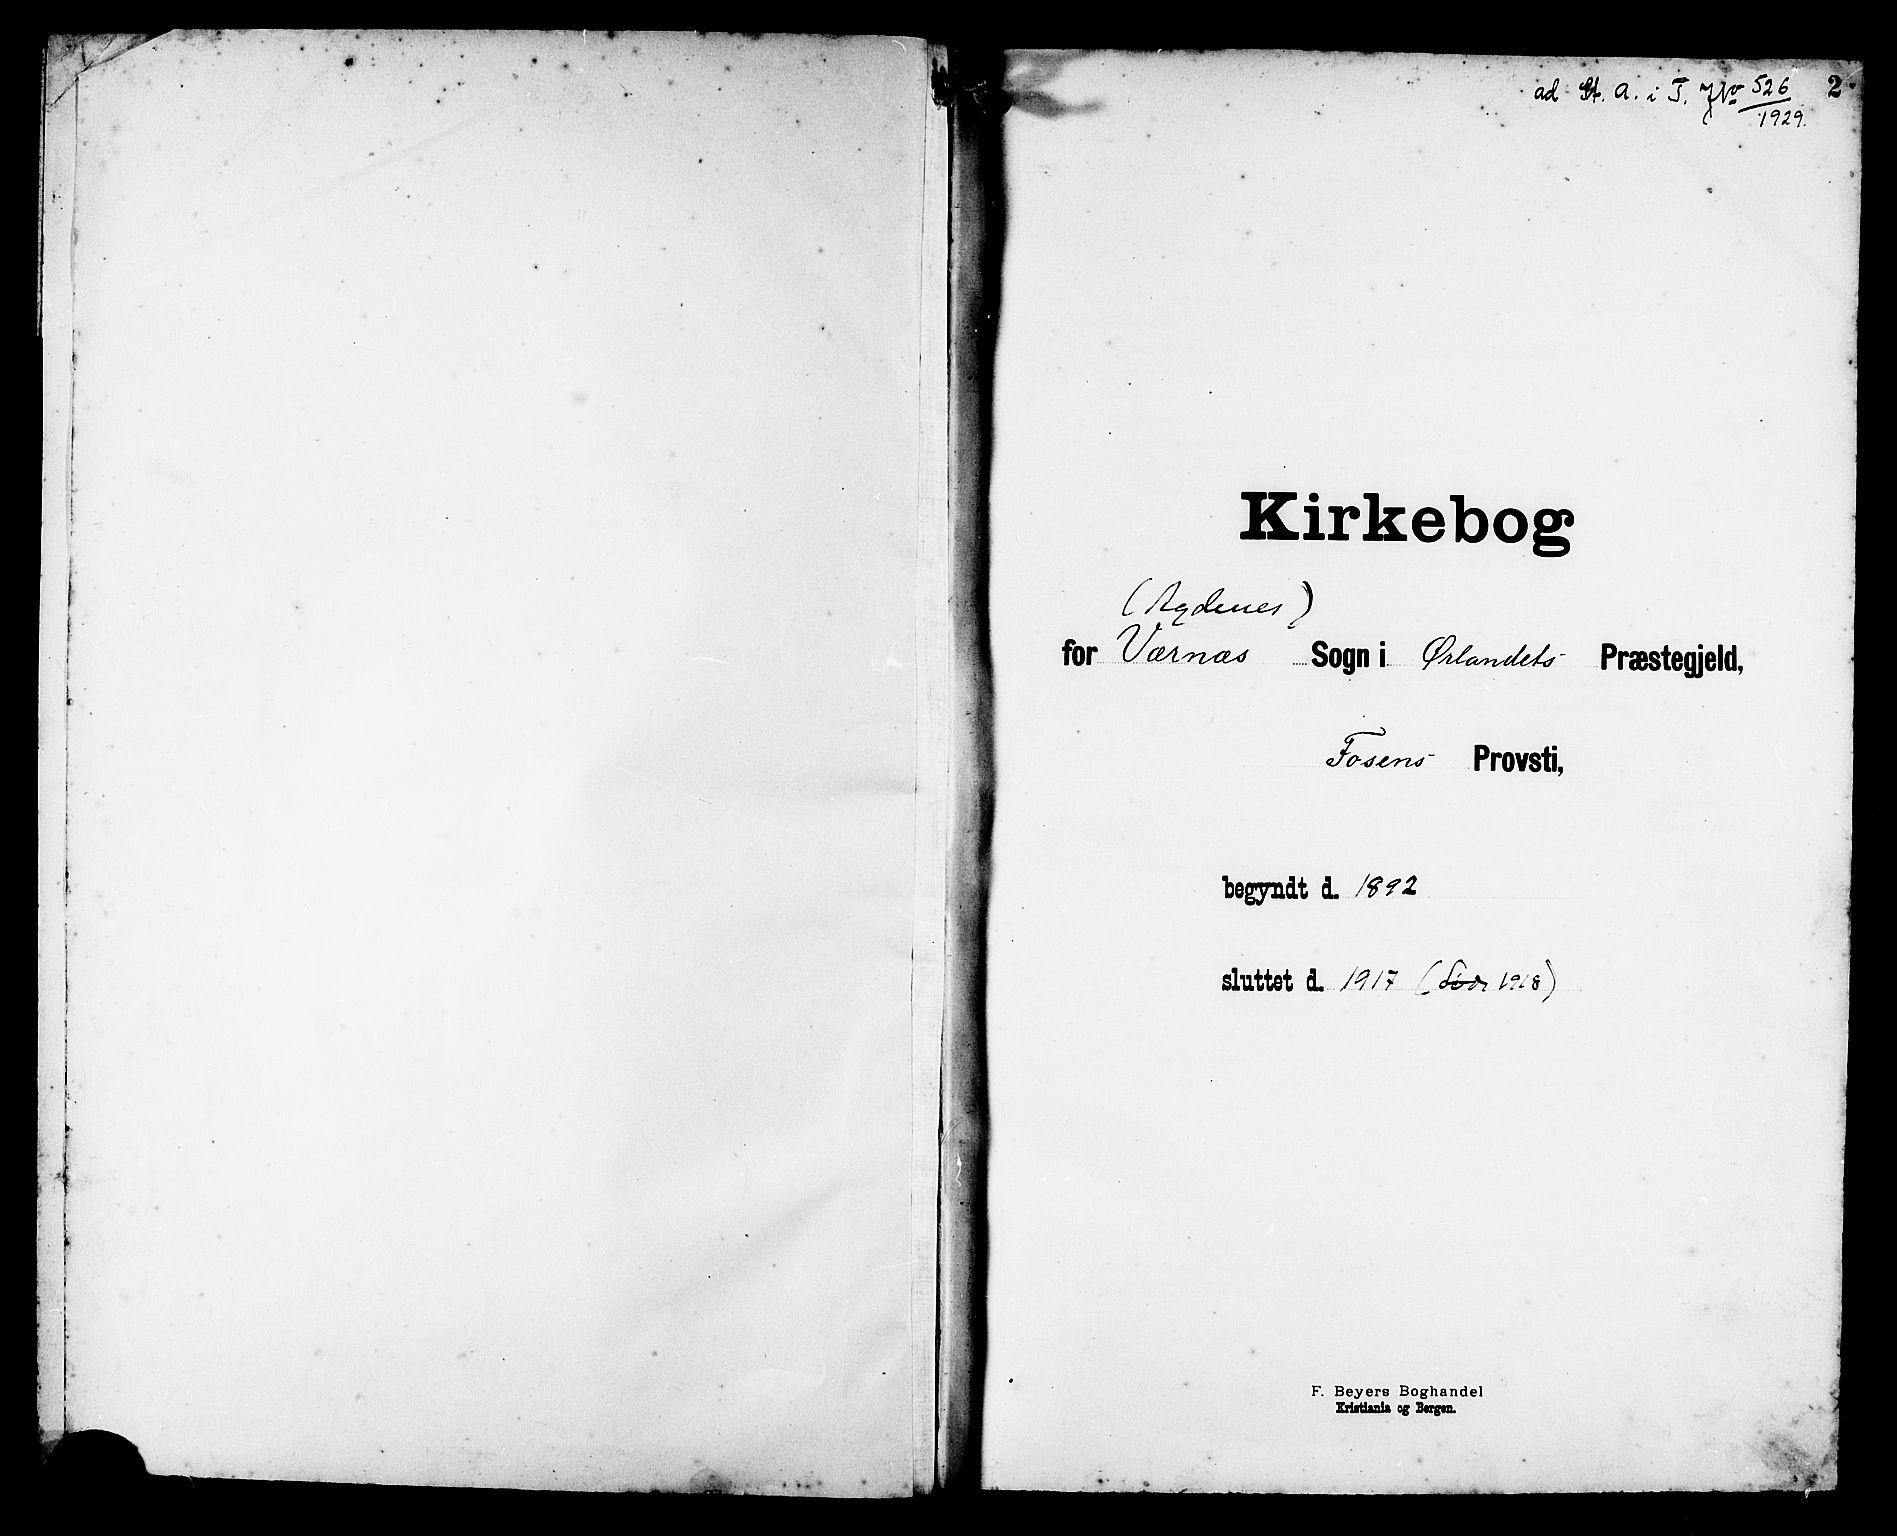 SAT, Ministerialprotokoller, klokkerbøker og fødselsregistre - Sør-Trøndelag, 662/L0757: Klokkerbok nr. 662C02, 1892-1918, s. 2